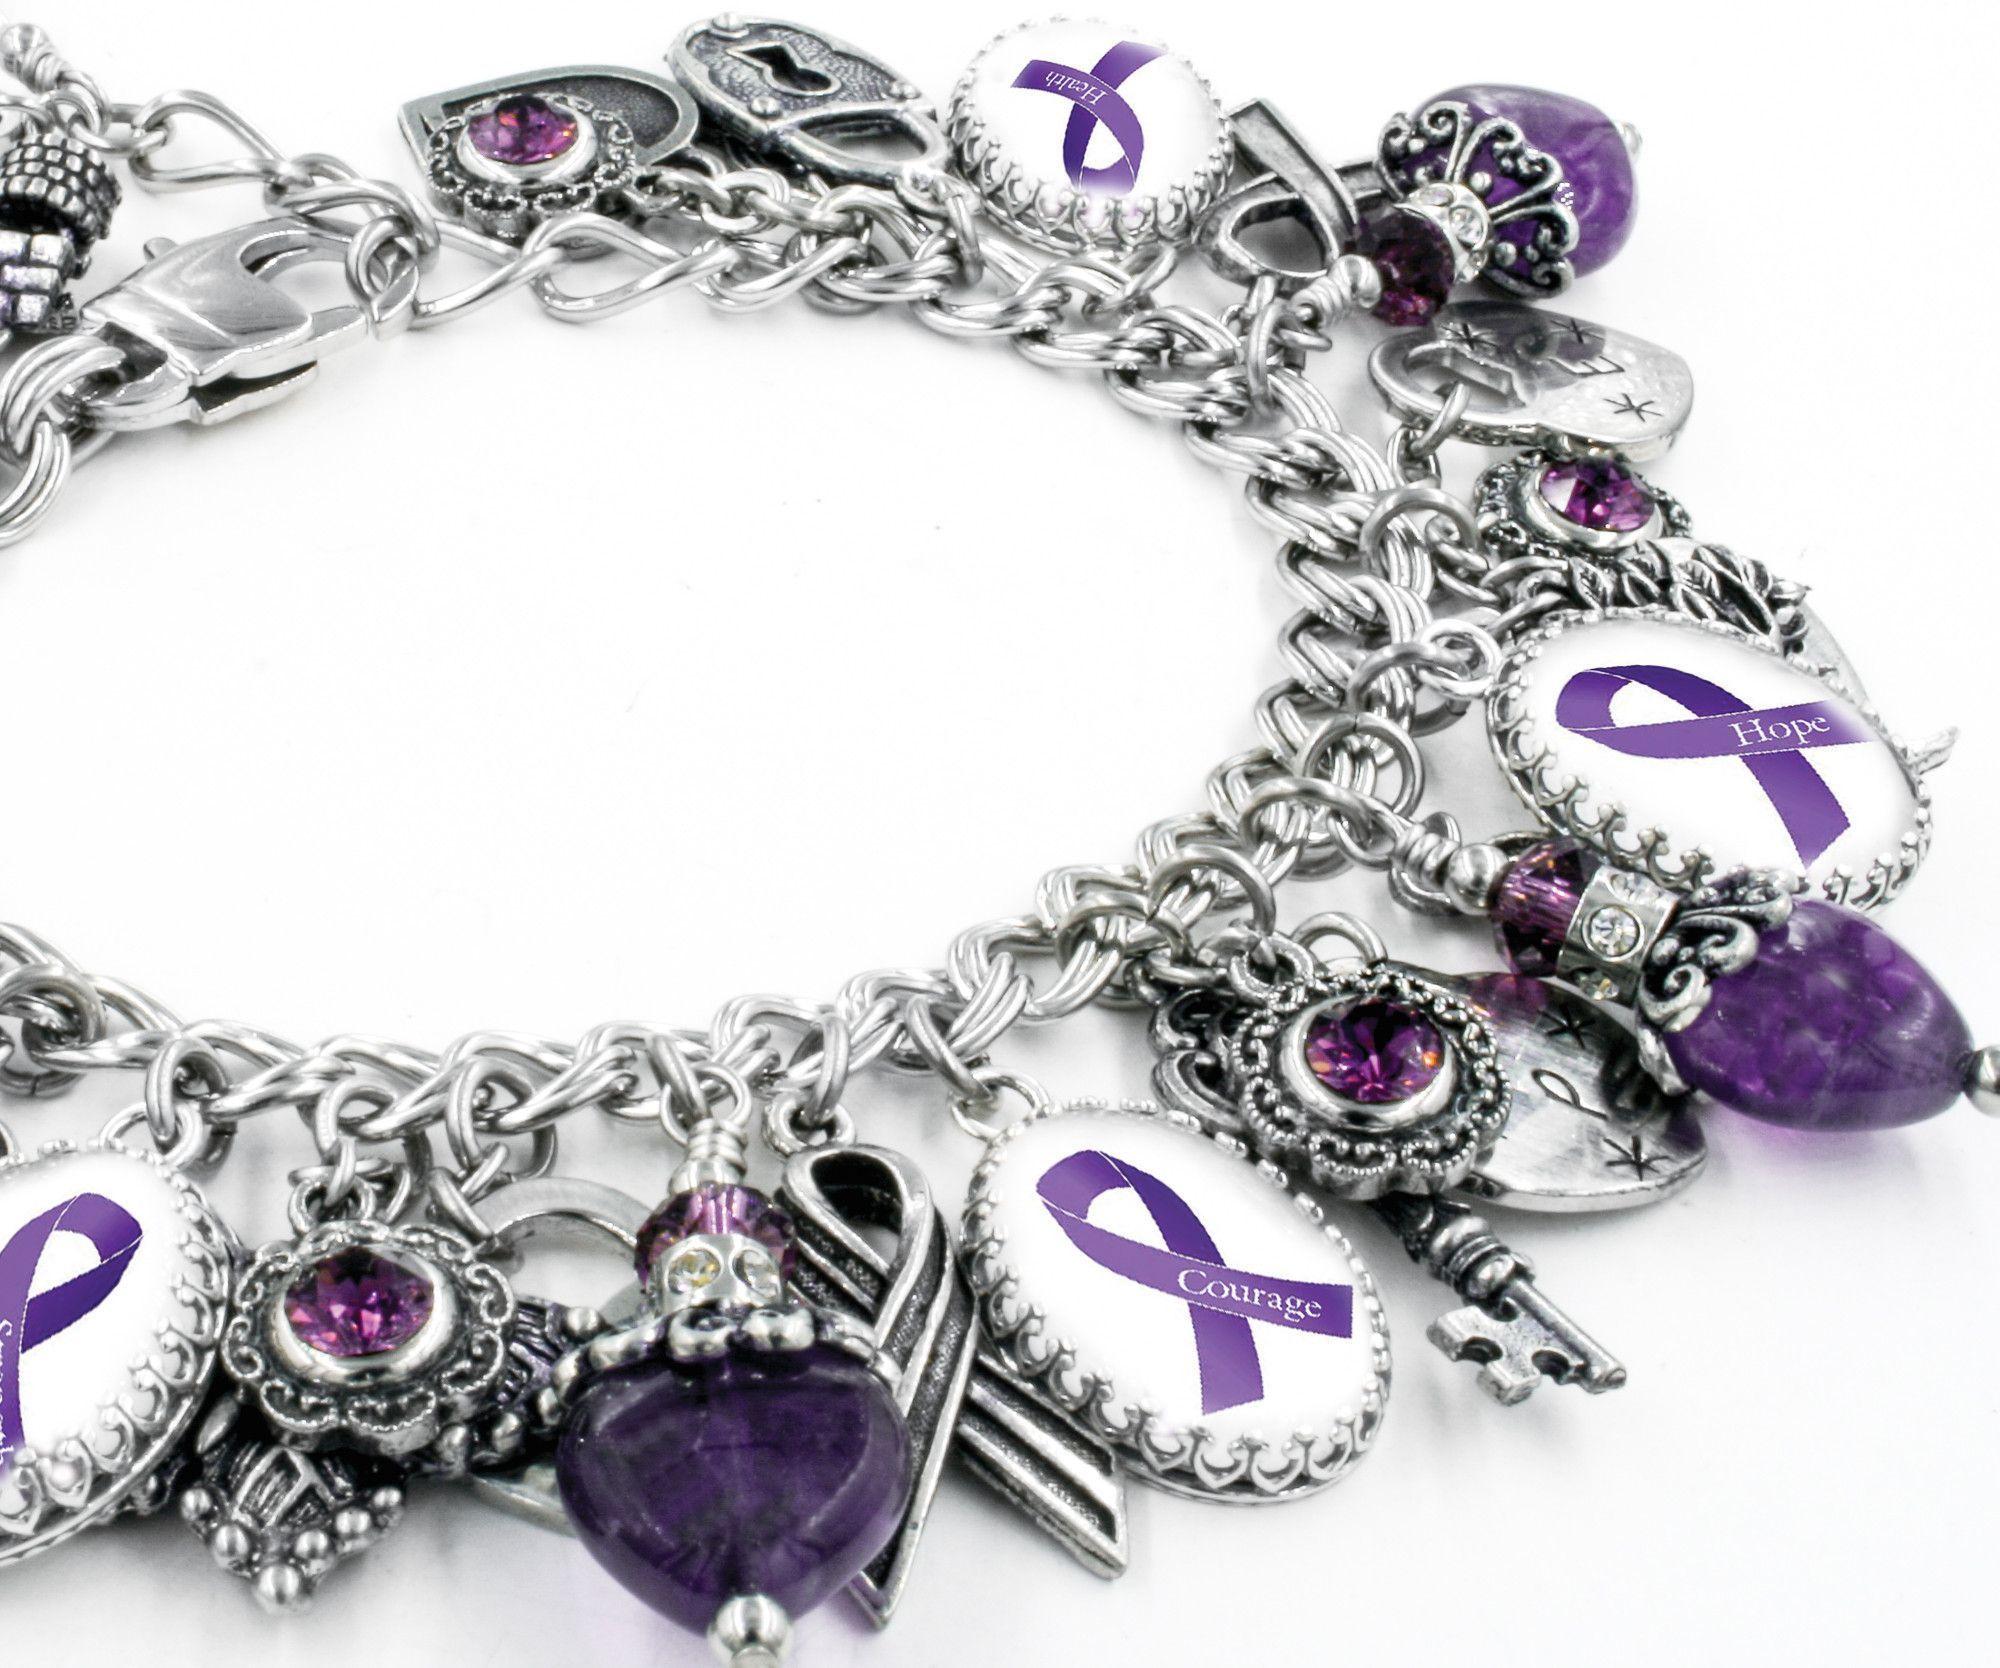 Lupus Bracelet, Fibromyalgia Jewelry, Epilepsy Bracelet, Alzheimers Bracelet, Purple Awareness Jewelry #chronicfatiguesyndrome